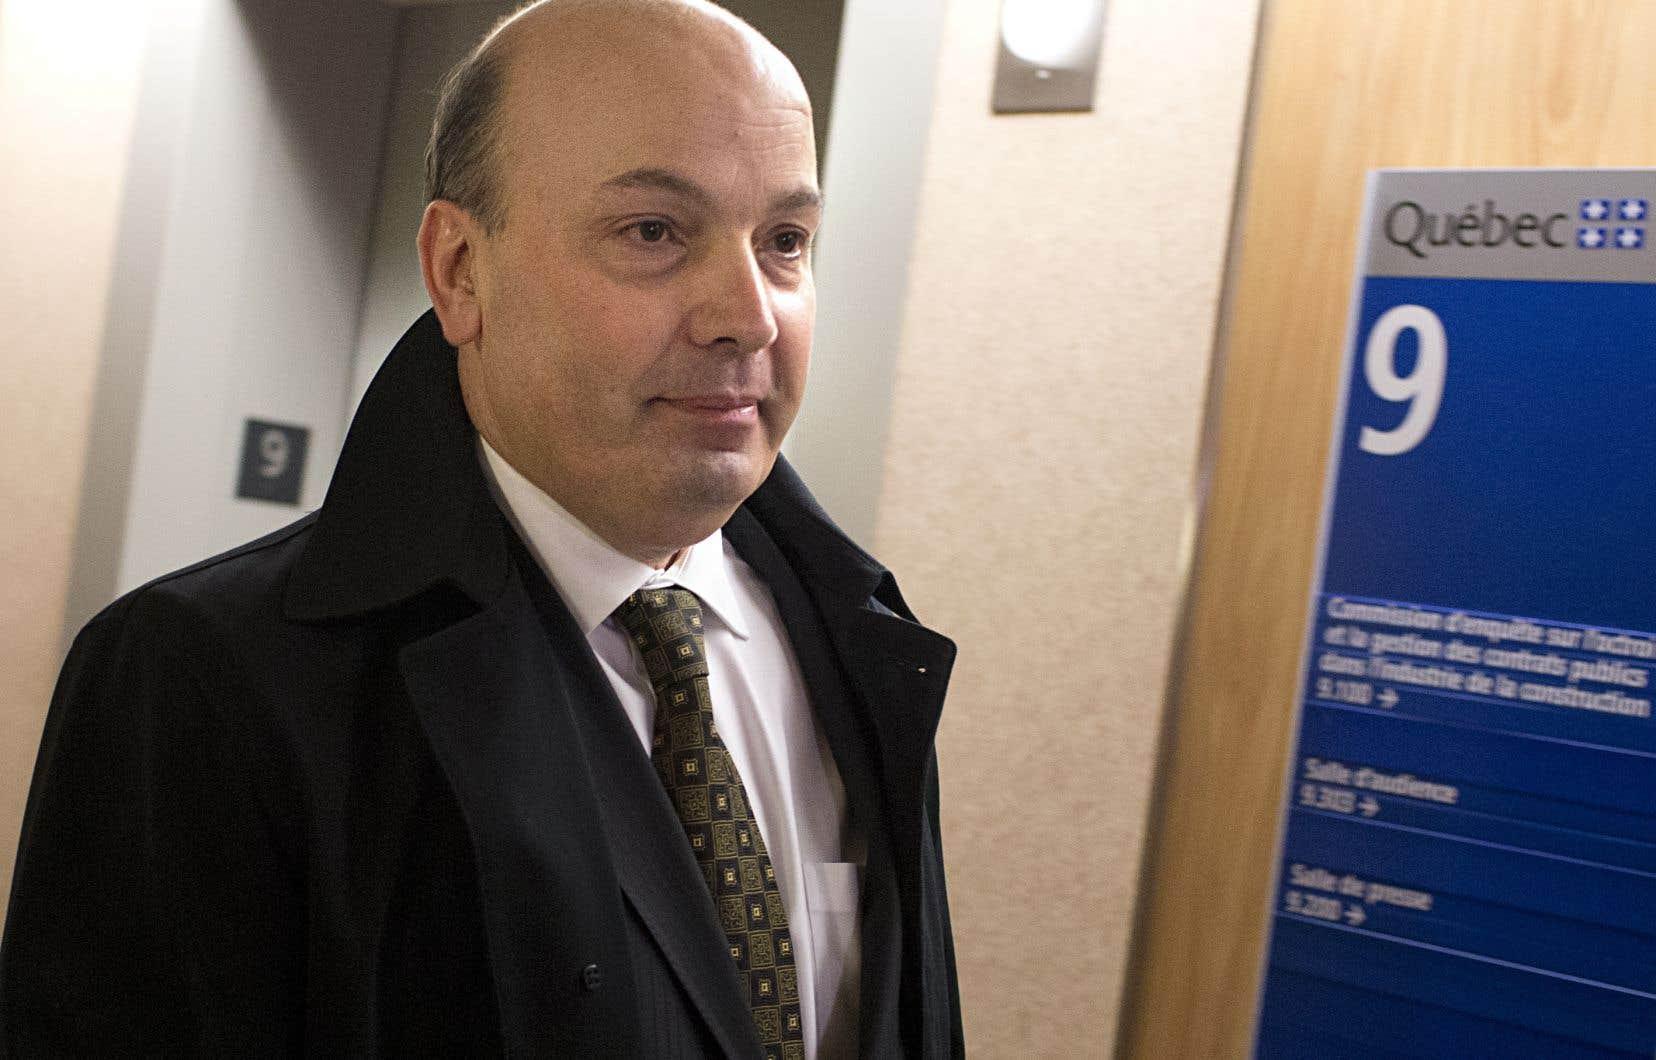 L'ex-président du comité exécutif de la Ville de Montréal, Frank Zampino